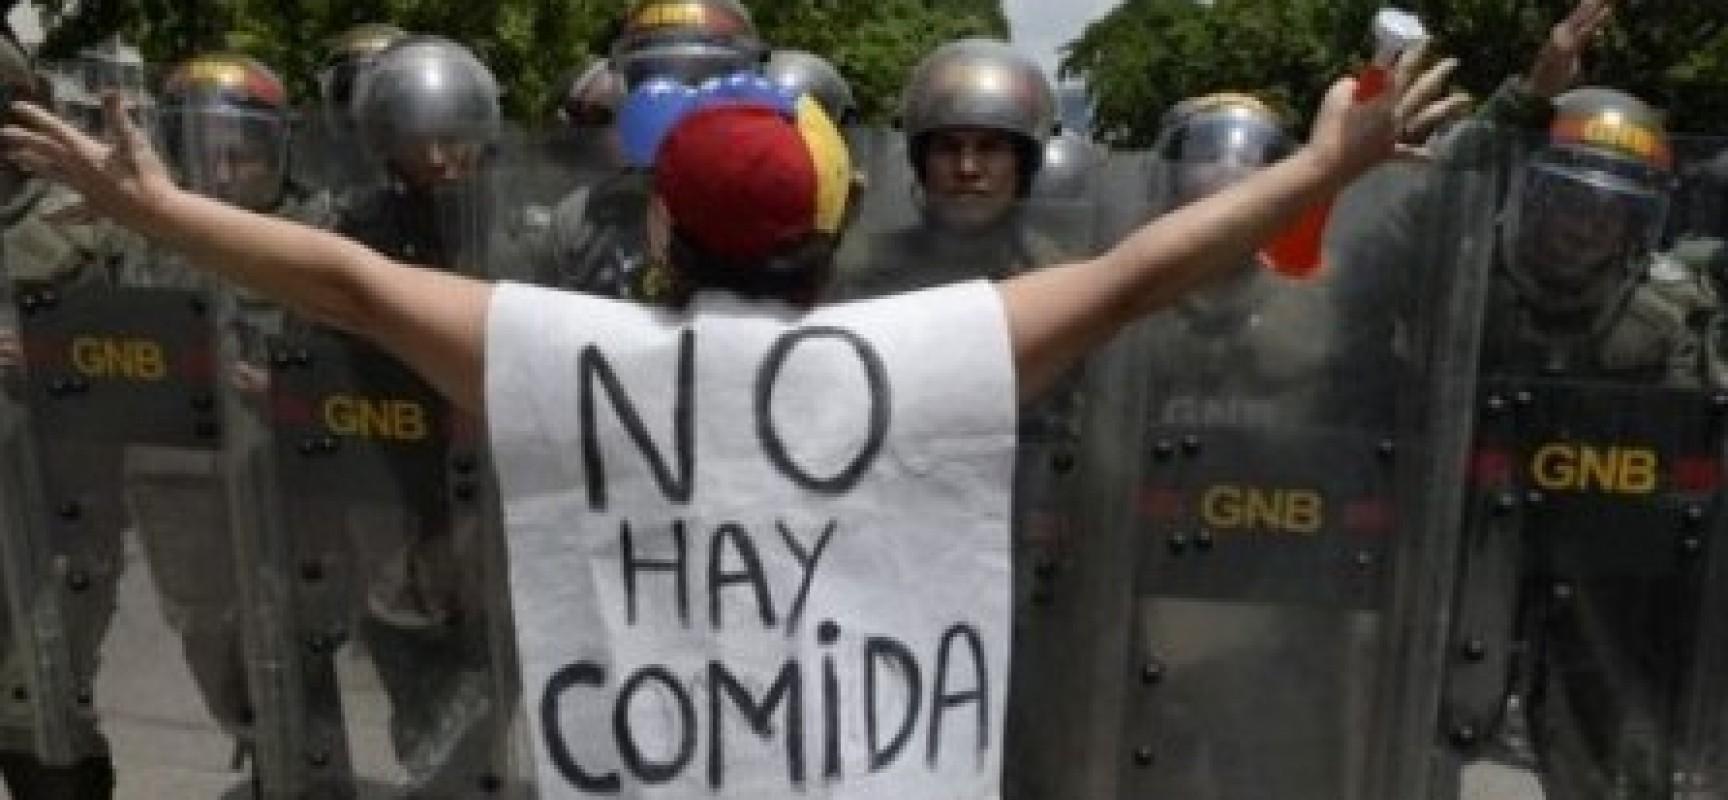 jornaldoradialista2015-pedidos-de-refugio-de-venezuelanos-no-brasil-crescem-66-vezes-em-dois-anos-01-e1473012296969-1728x800_c